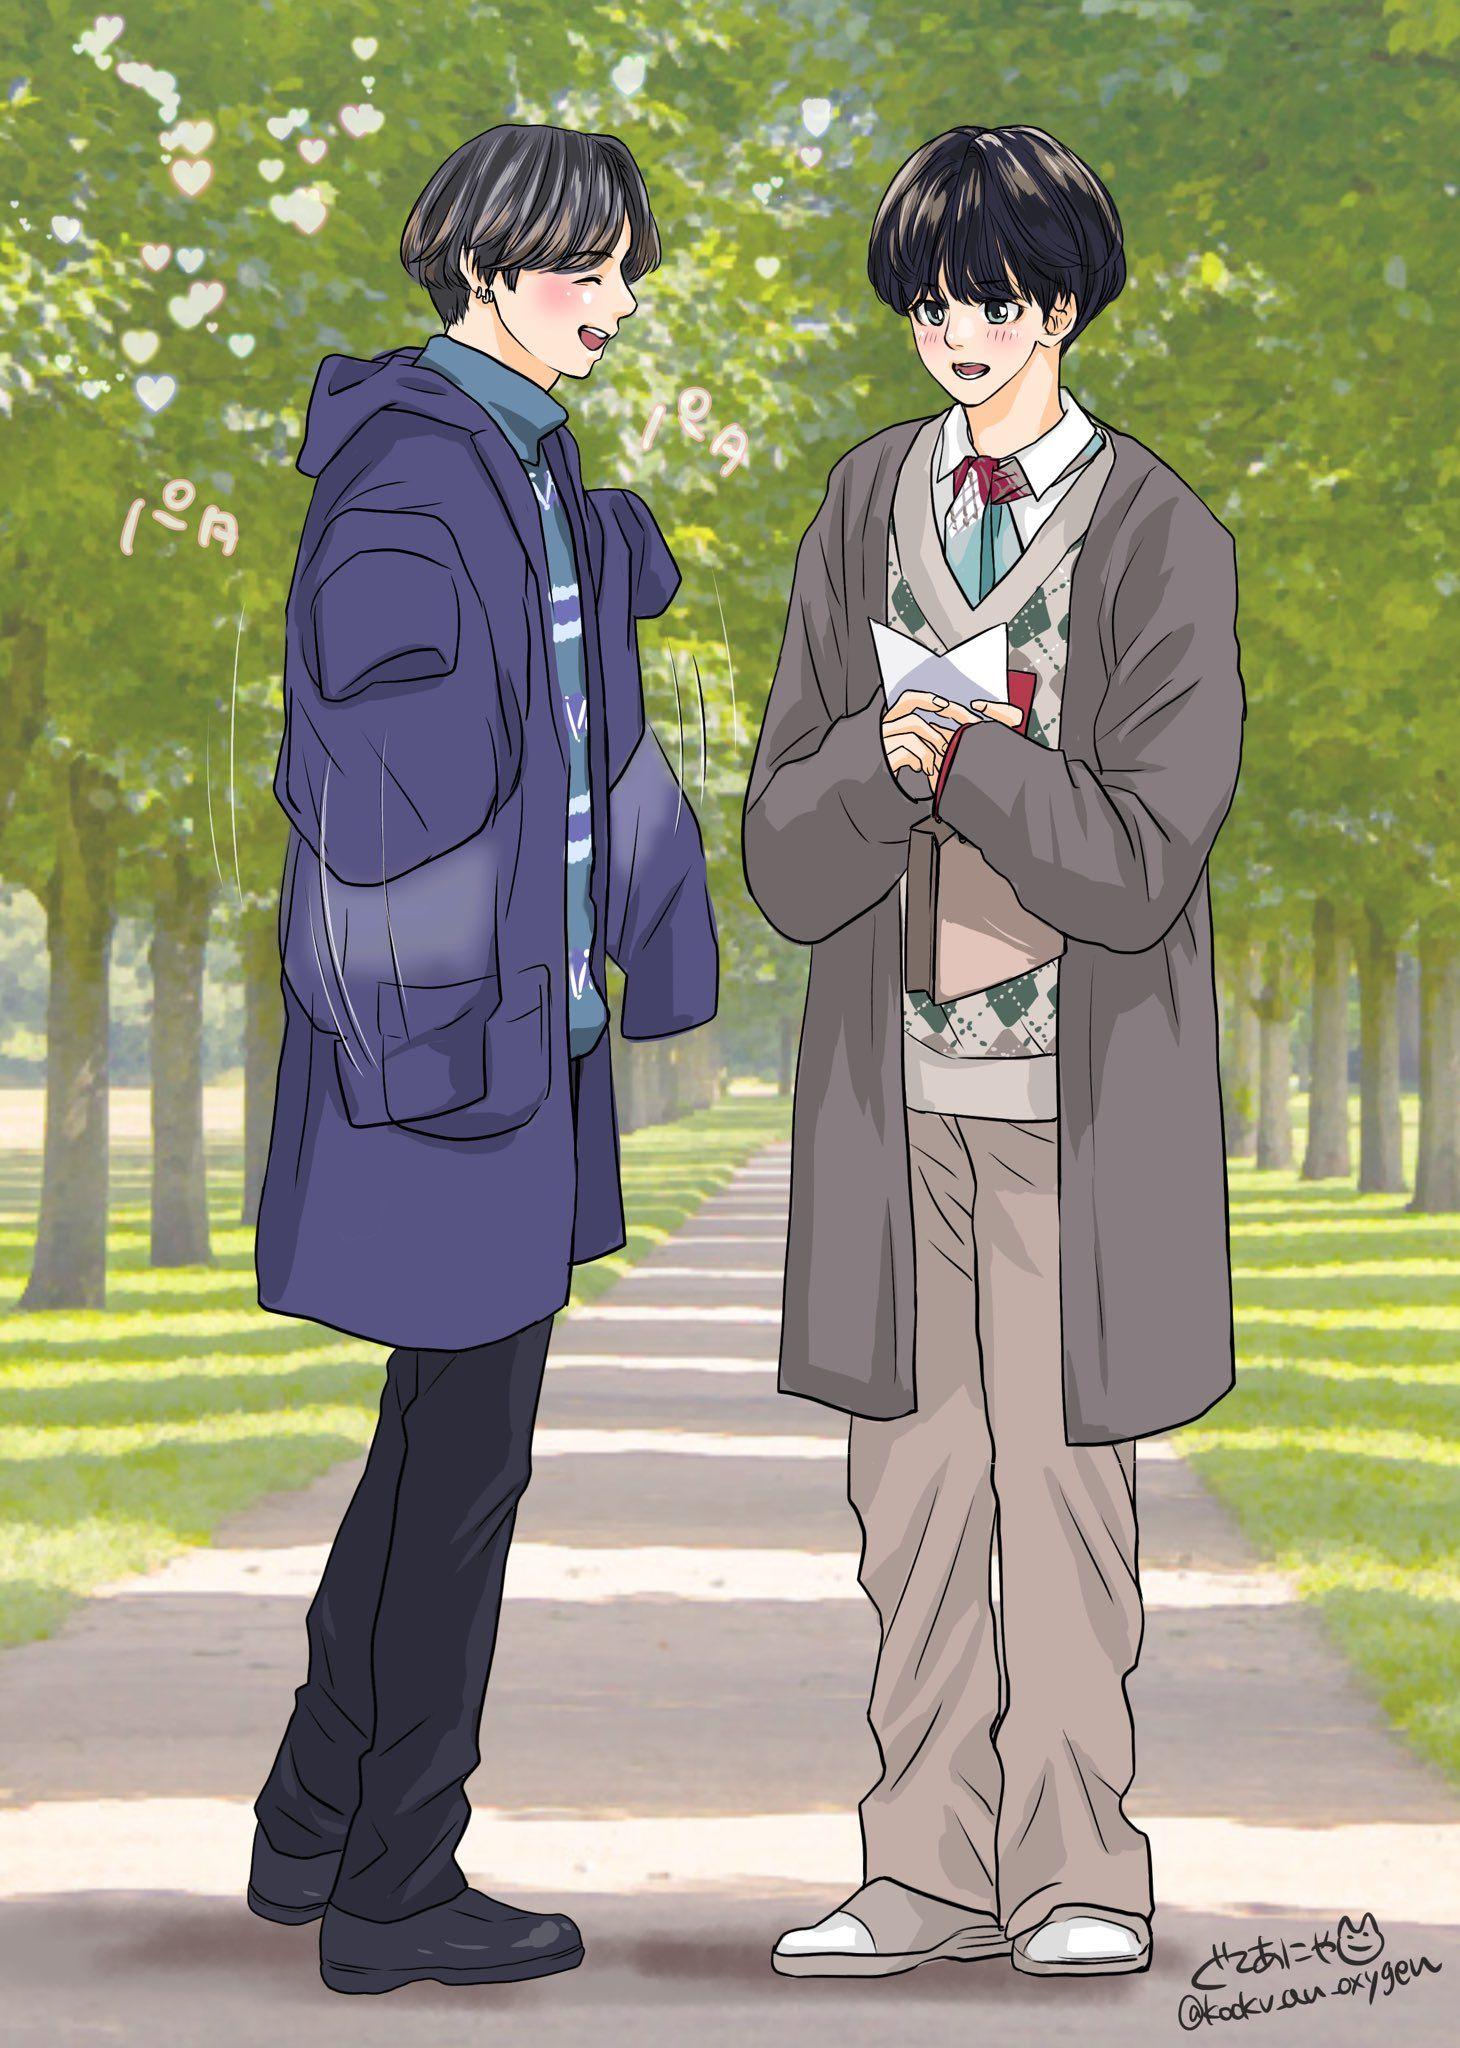 pin by yunho on vkook kookv 2 anime pics oxygen